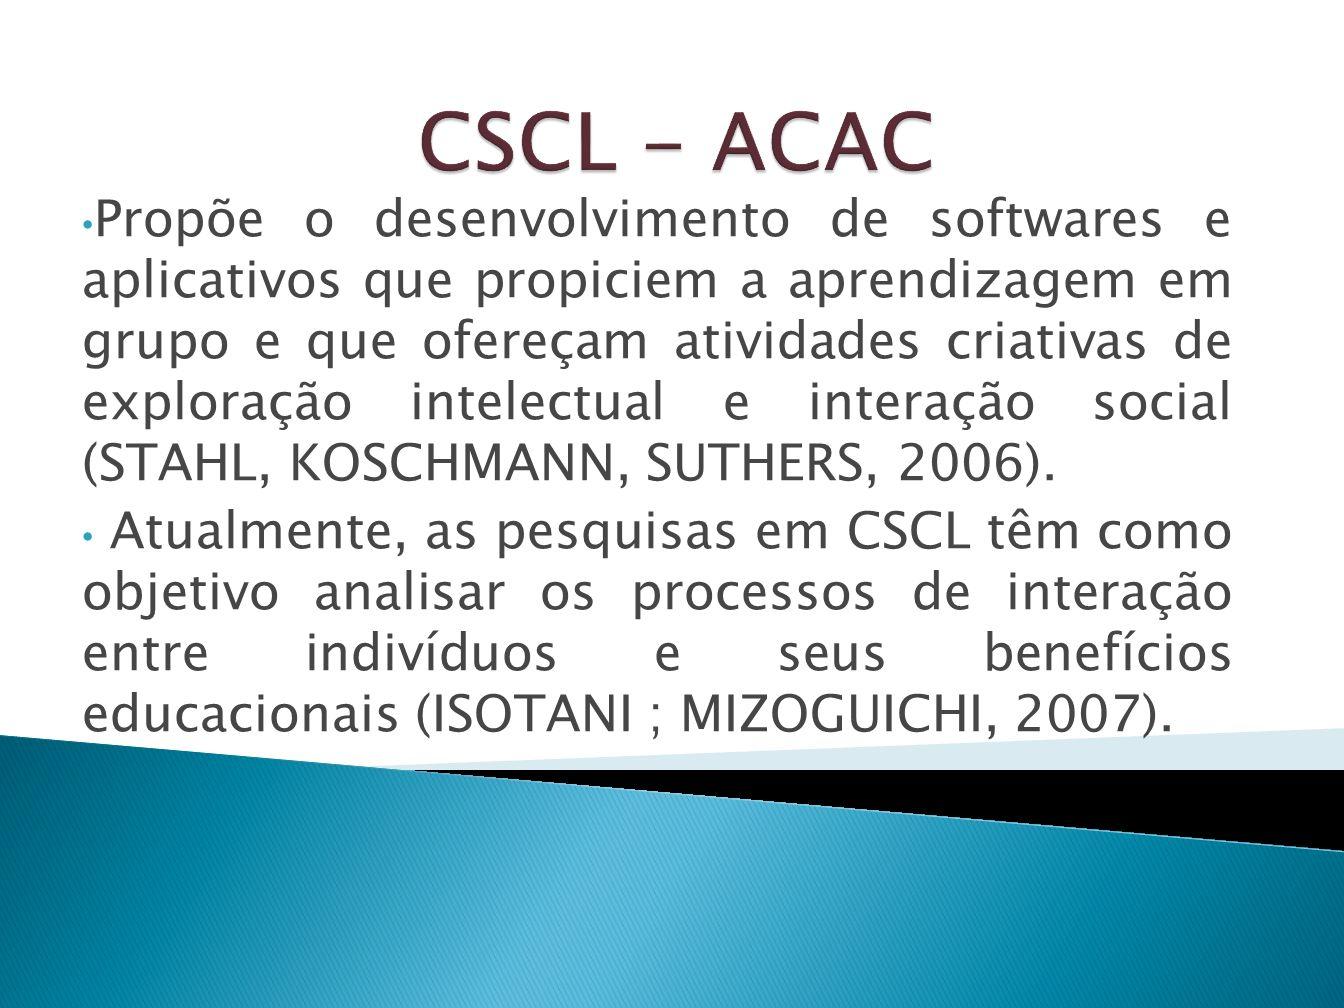 Propõe o desenvolvimento de softwares e aplicativos que propiciem a aprendizagem em grupo e que ofereçam atividades criativas de exploração intelectua